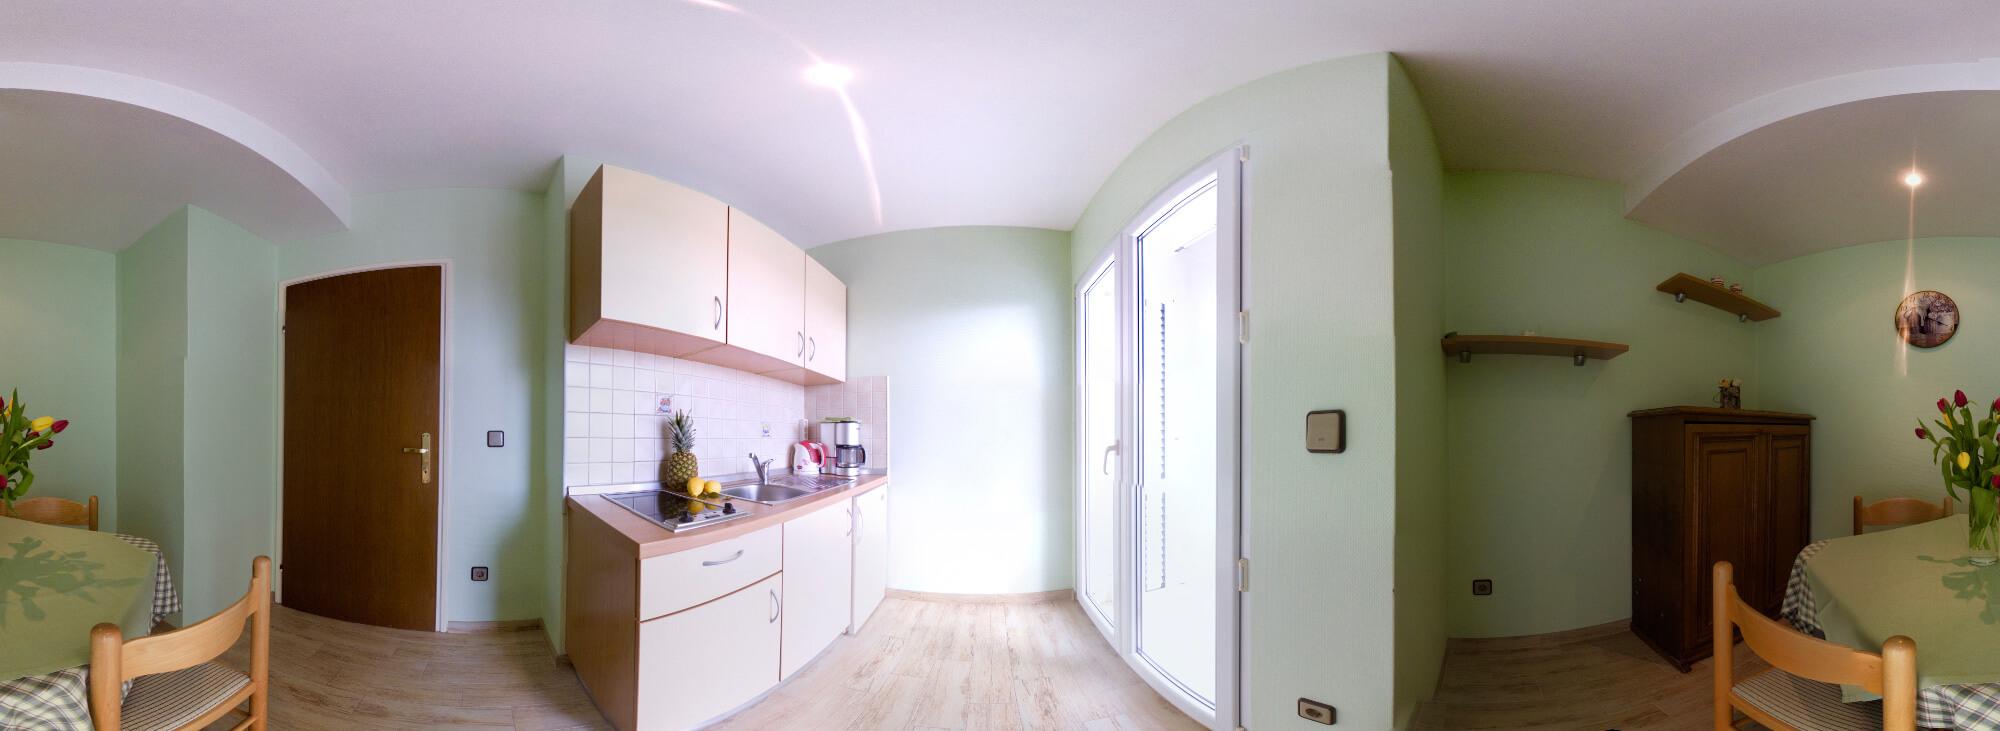 room 1 -360